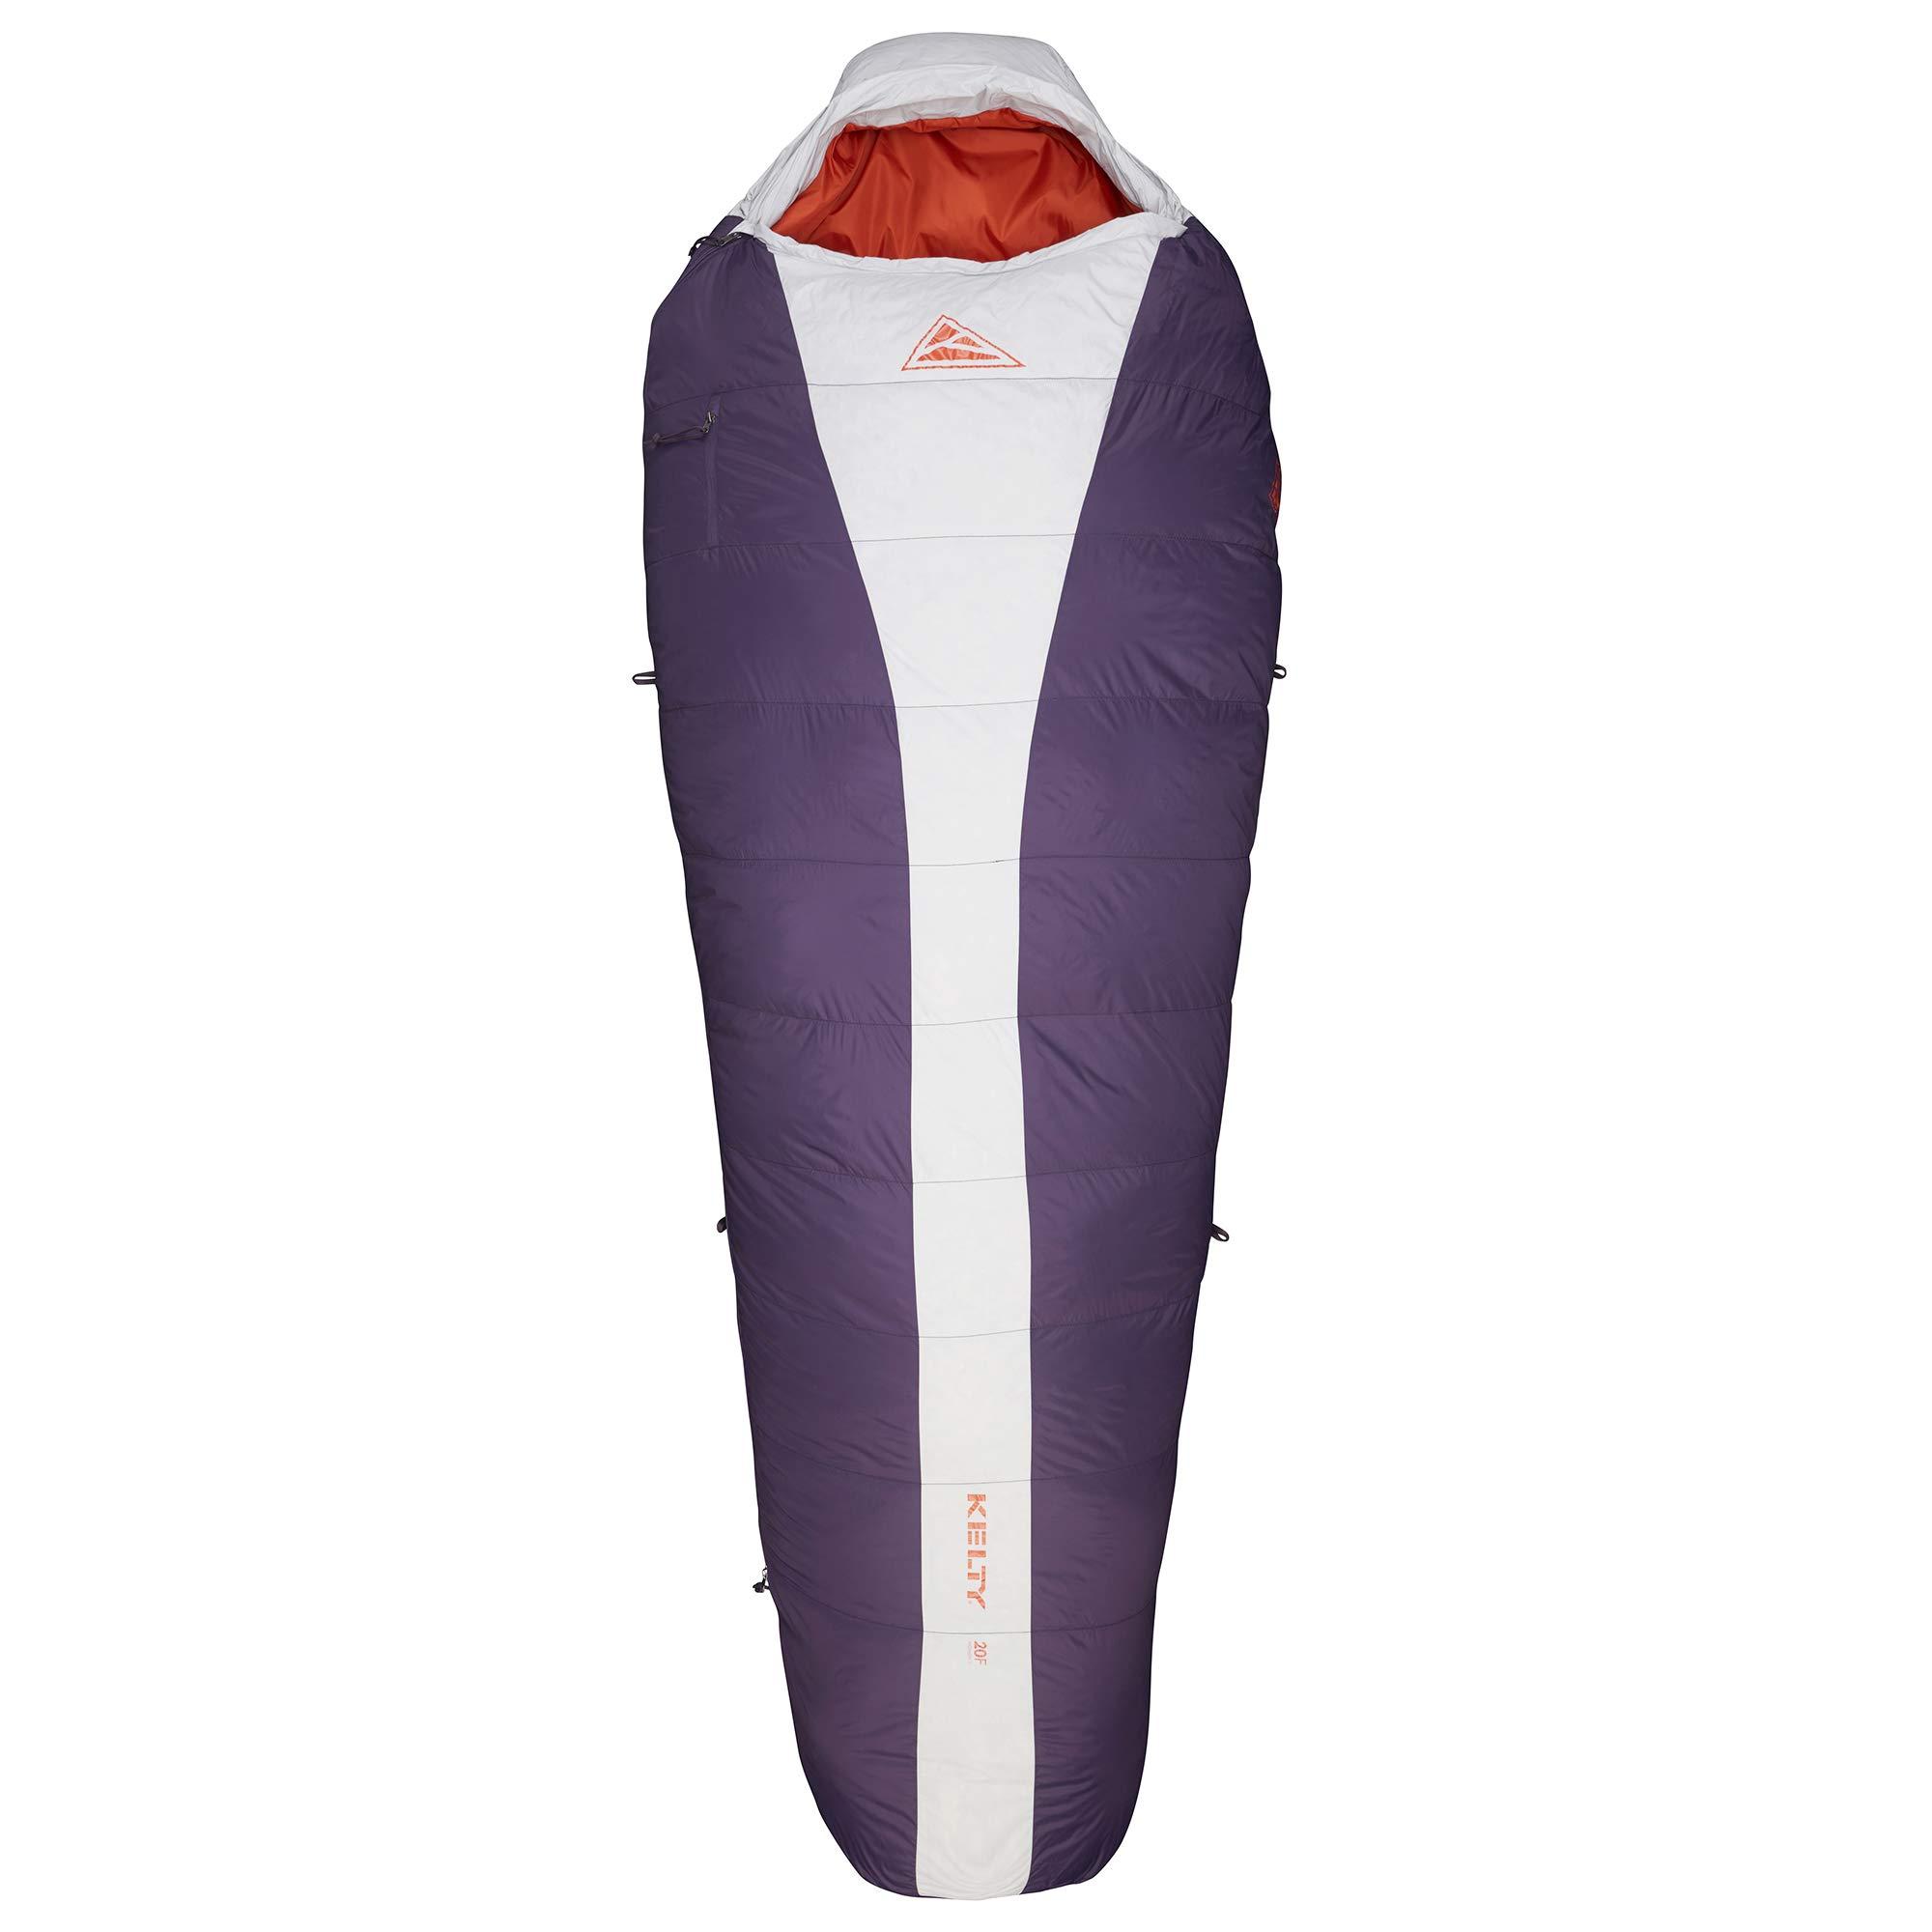 Kelty Cosmic - Saco de dormir para acampada (plumón de 20 grados), ultraligero - 35413819RR, regular para mujer, Womens Regular, Vapor: Kelty: Amazon.es: Deportes y aire libre